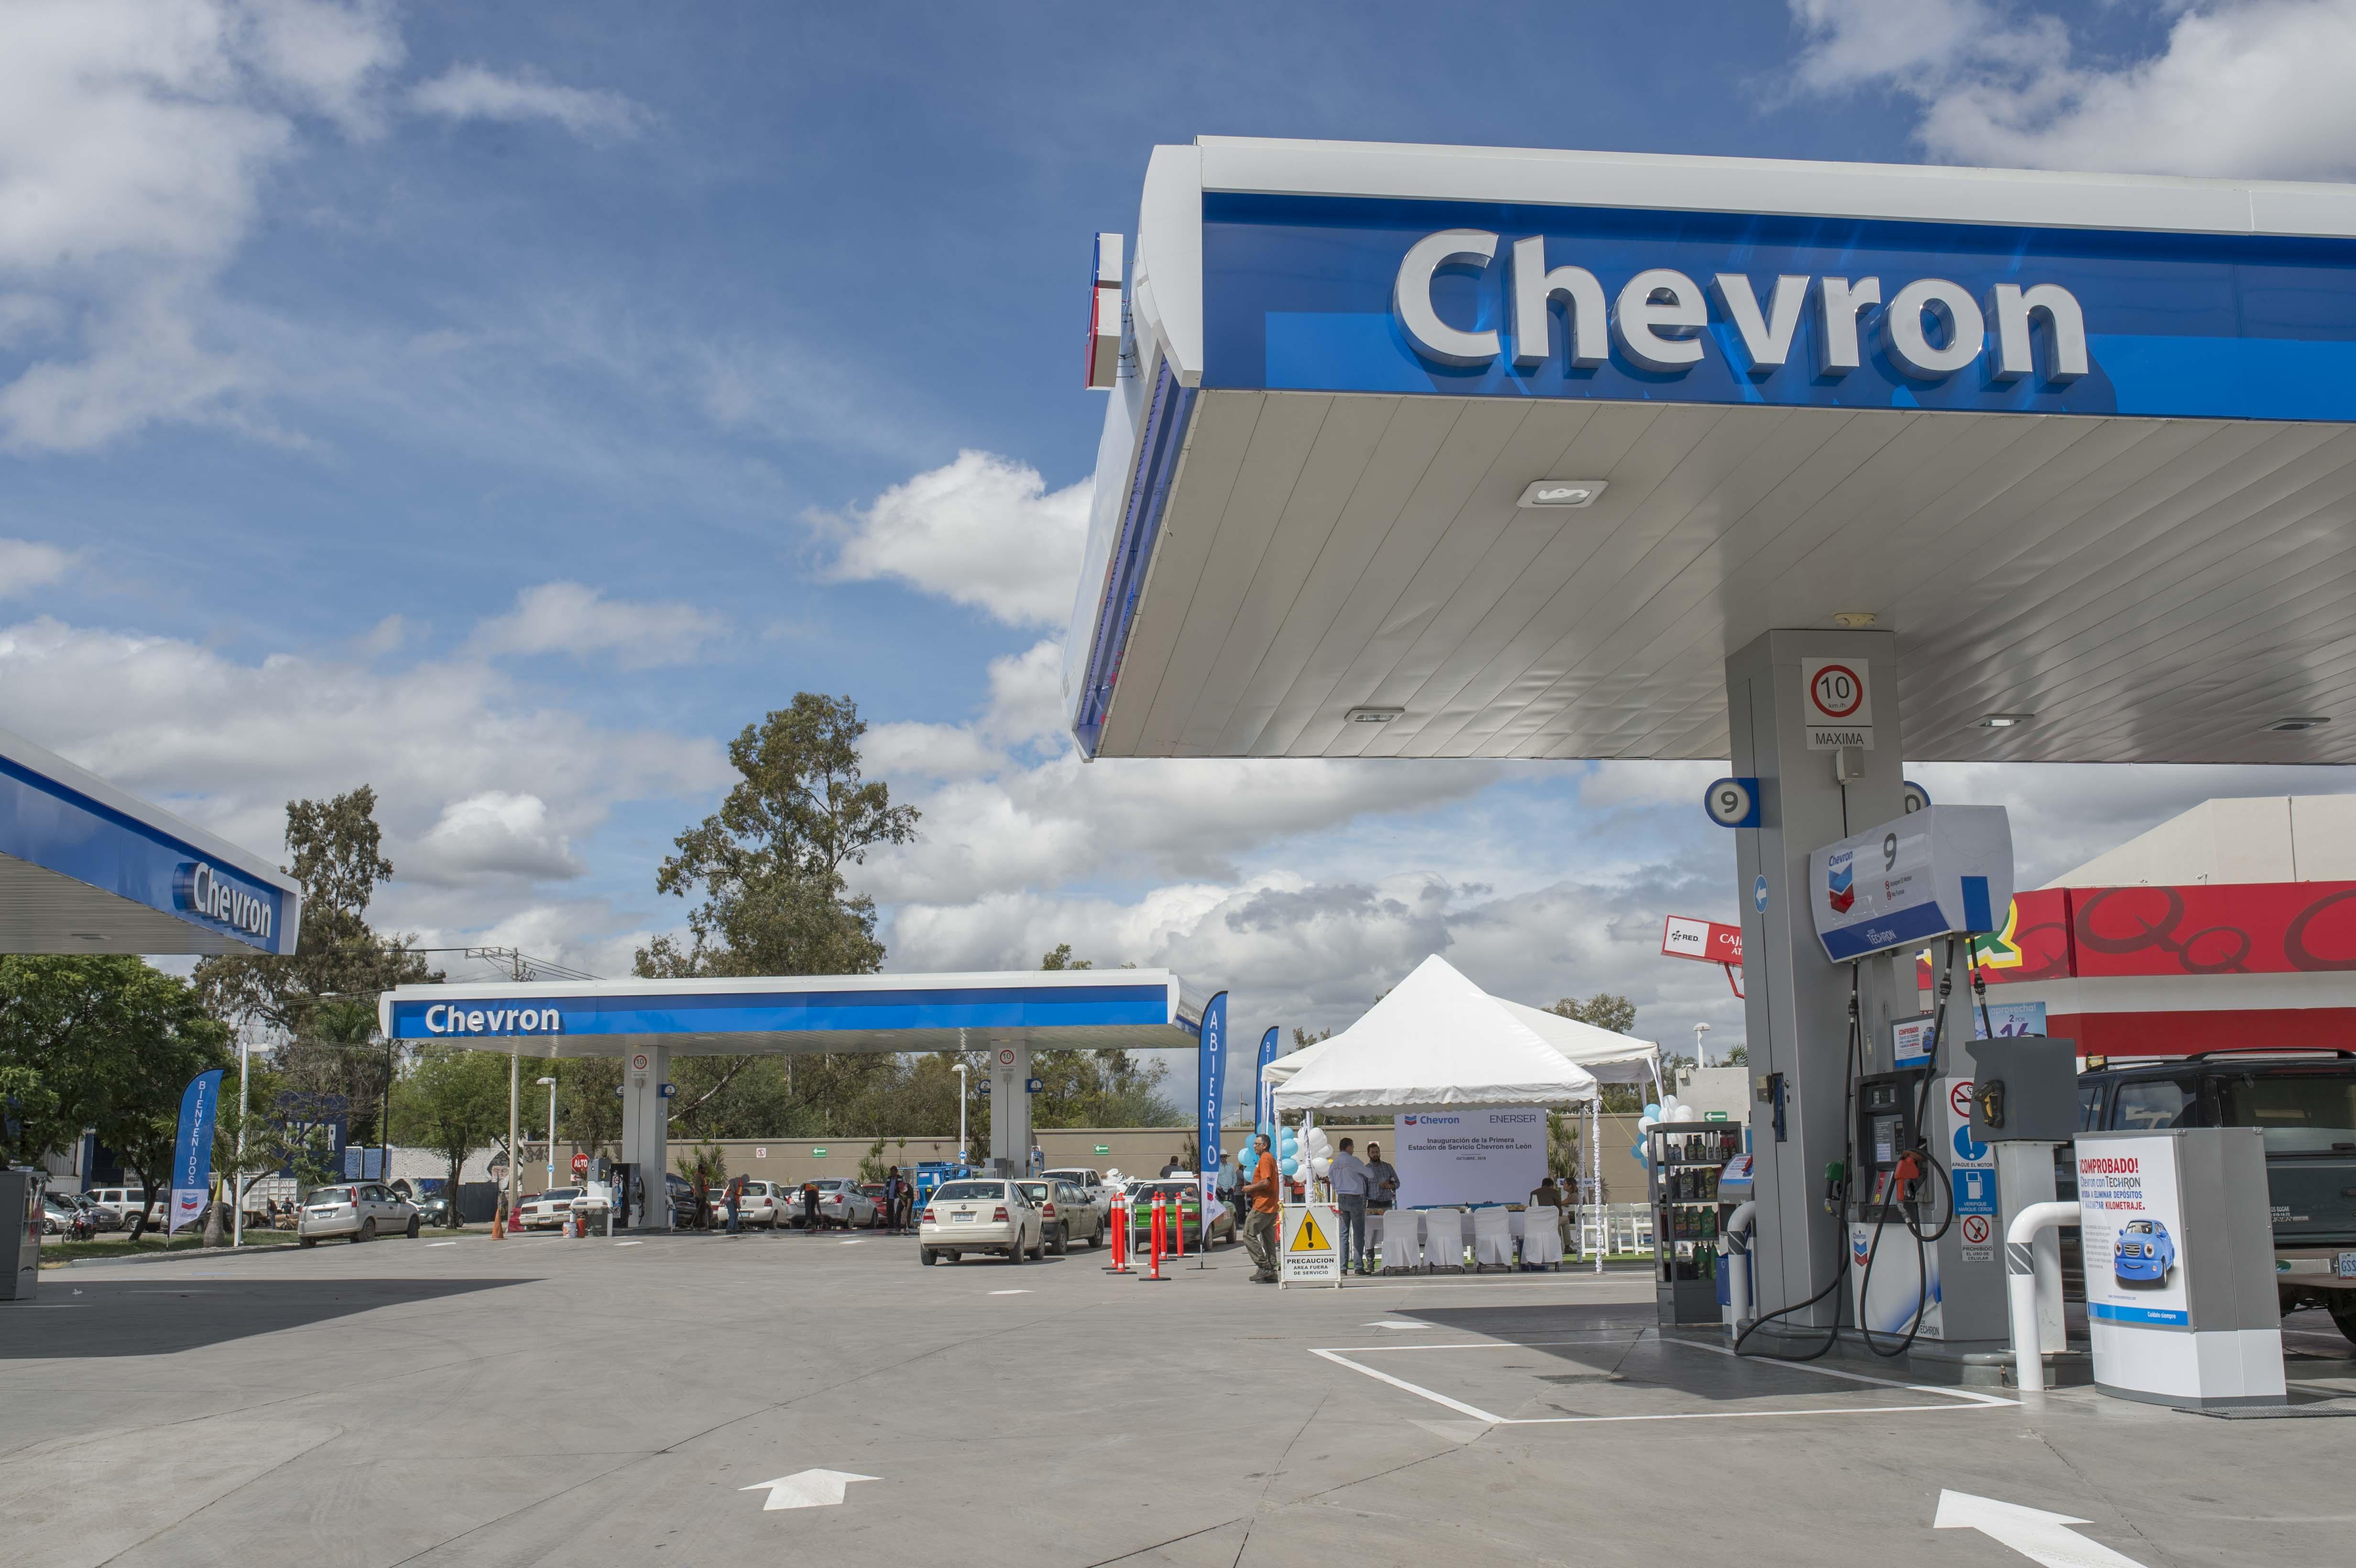 Chevron y Shell, las marcas con la gasolina más cara del país: Profeco